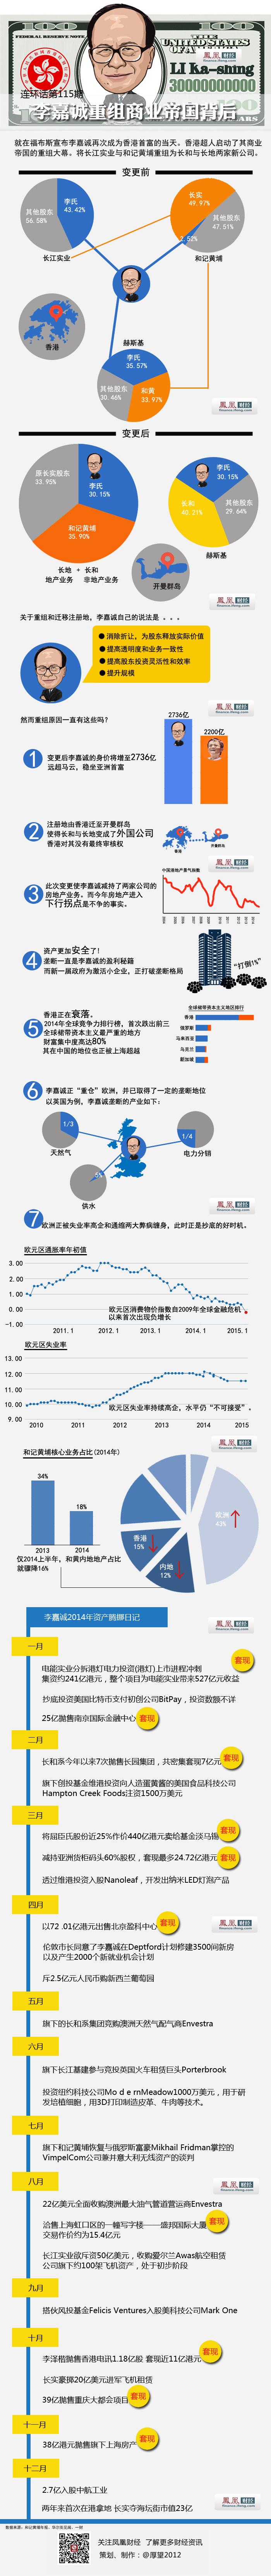 李嘉诚重组商业帝国背后 - li-han163 - 李 晗